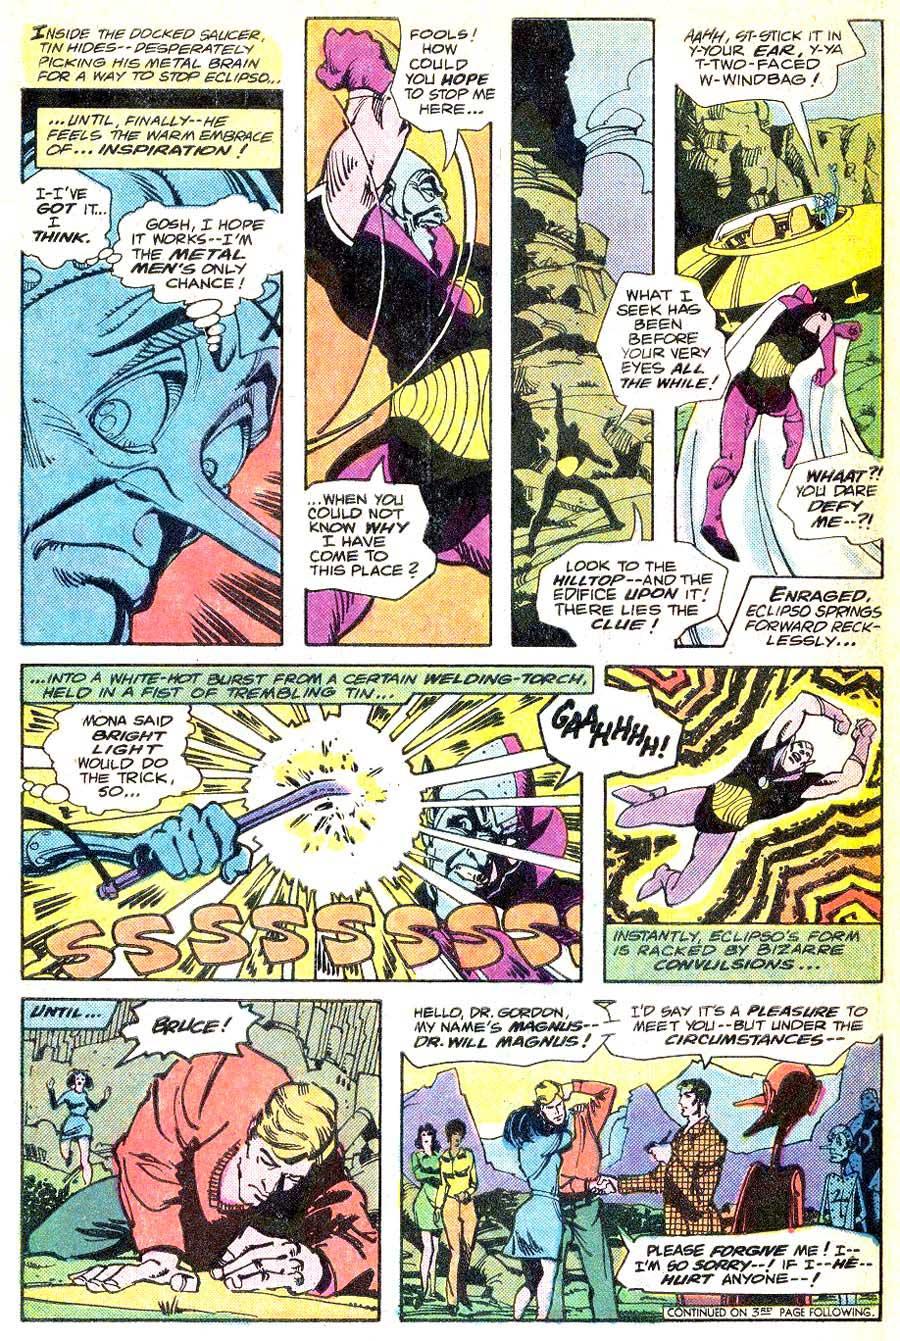 Metal Men v1 #48 dc bronze age comic book page art by Walt Simonson